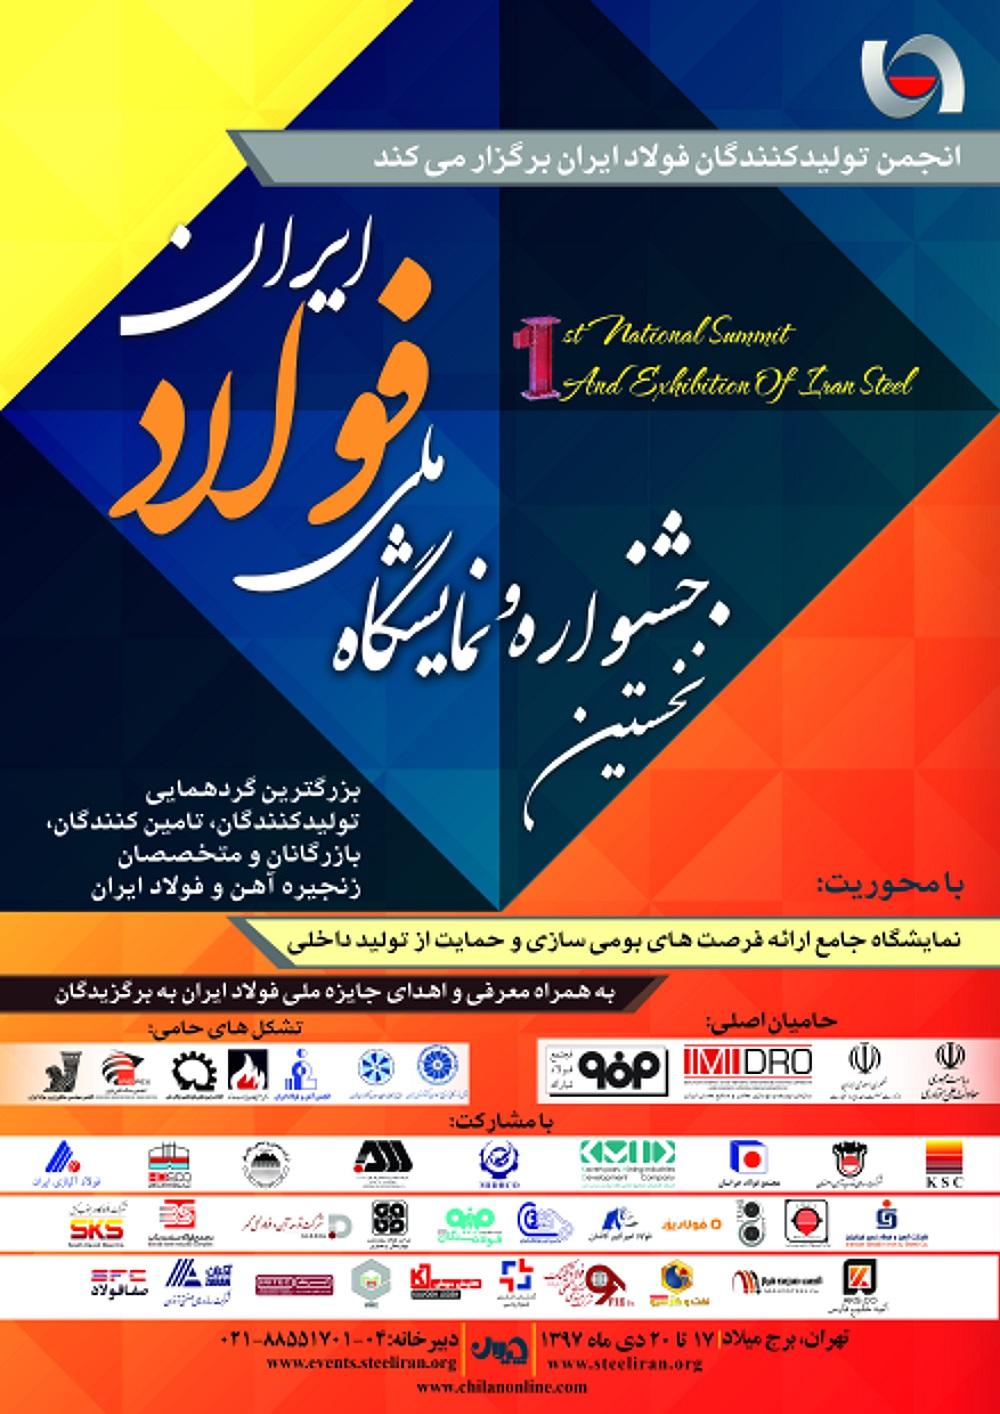 افتتاح نخستین جشنواره و نمایشگاه ملی فولاد ایران فردا در تهران